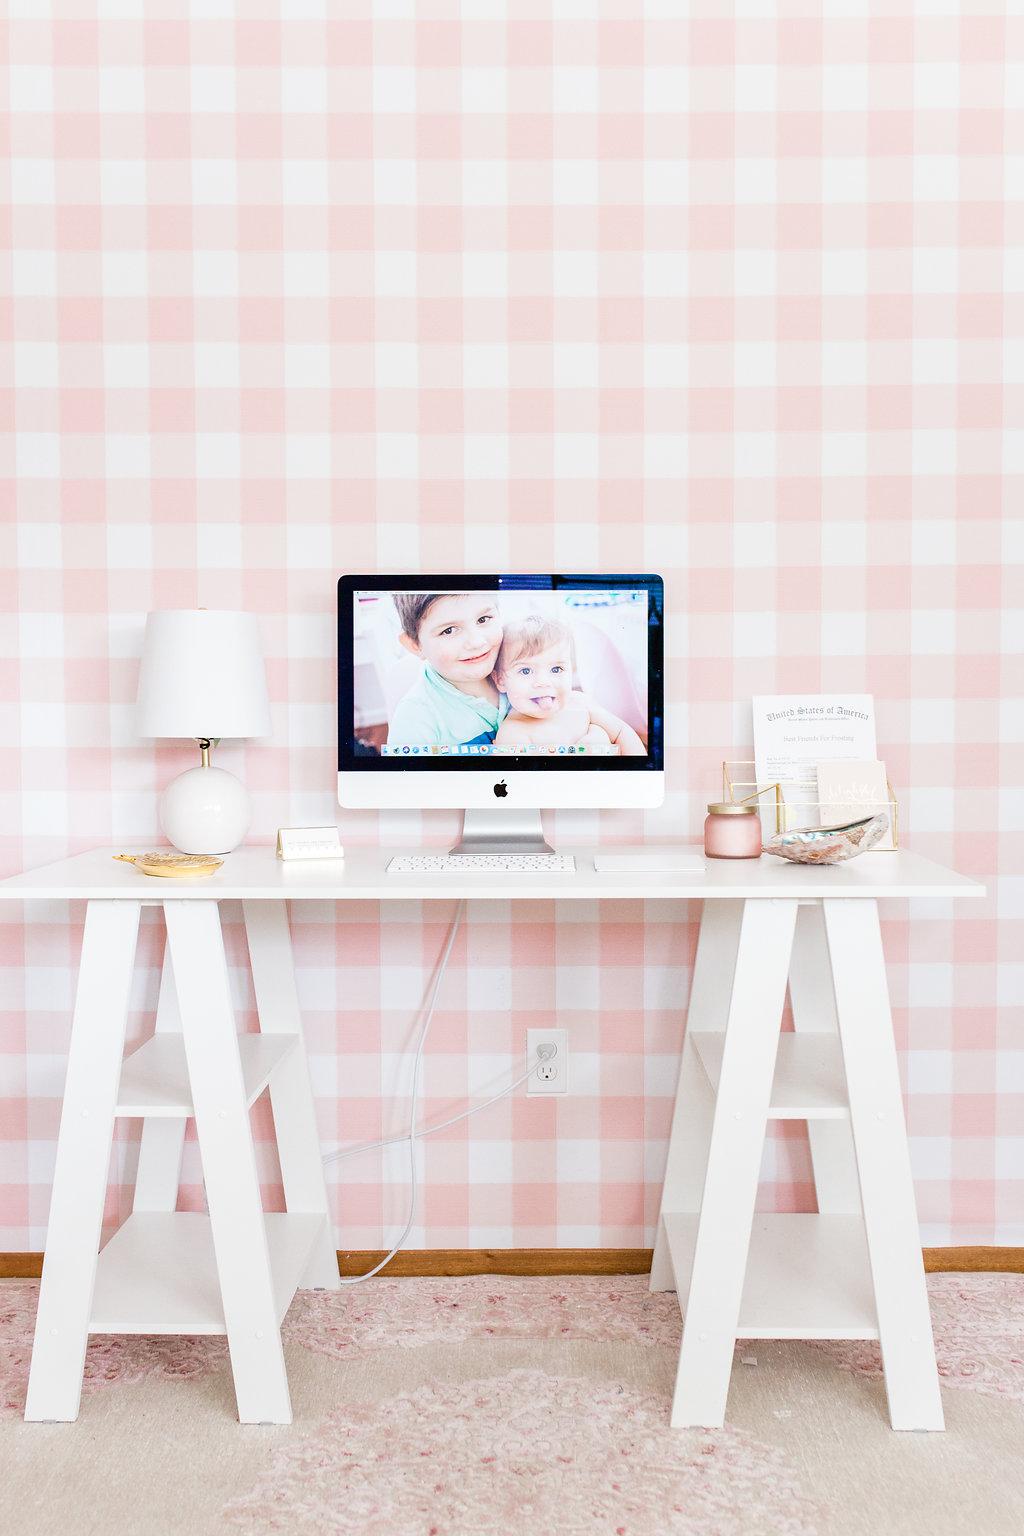 10 DIY-Tapeten Projekte für deine Wohnung - Arbeitsplatz